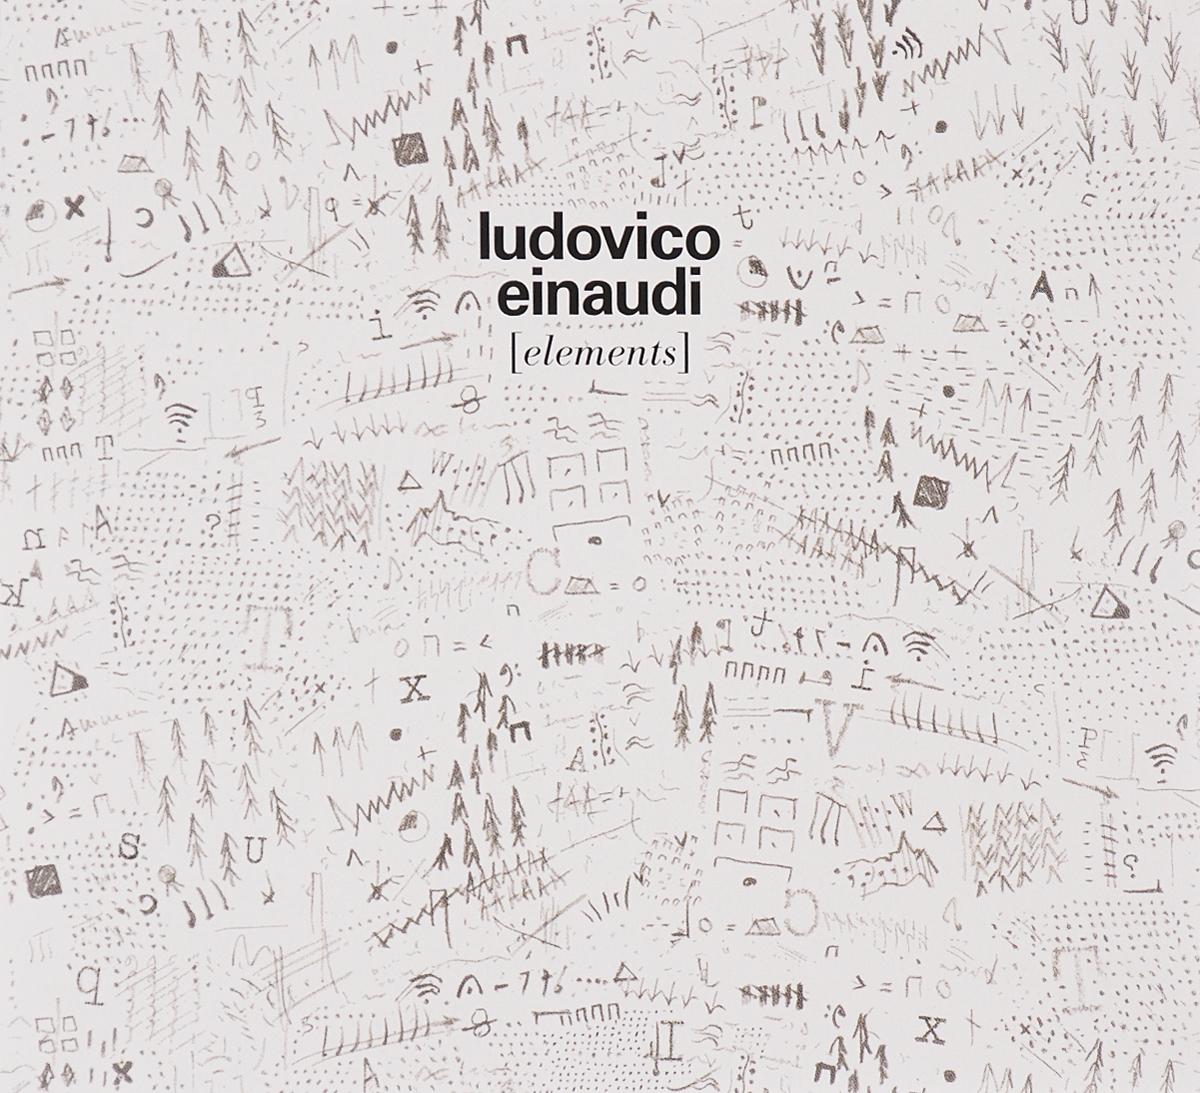 Людовико Эйнауди Ludovico Einaudi. Elements ludovico einaudi lisbon